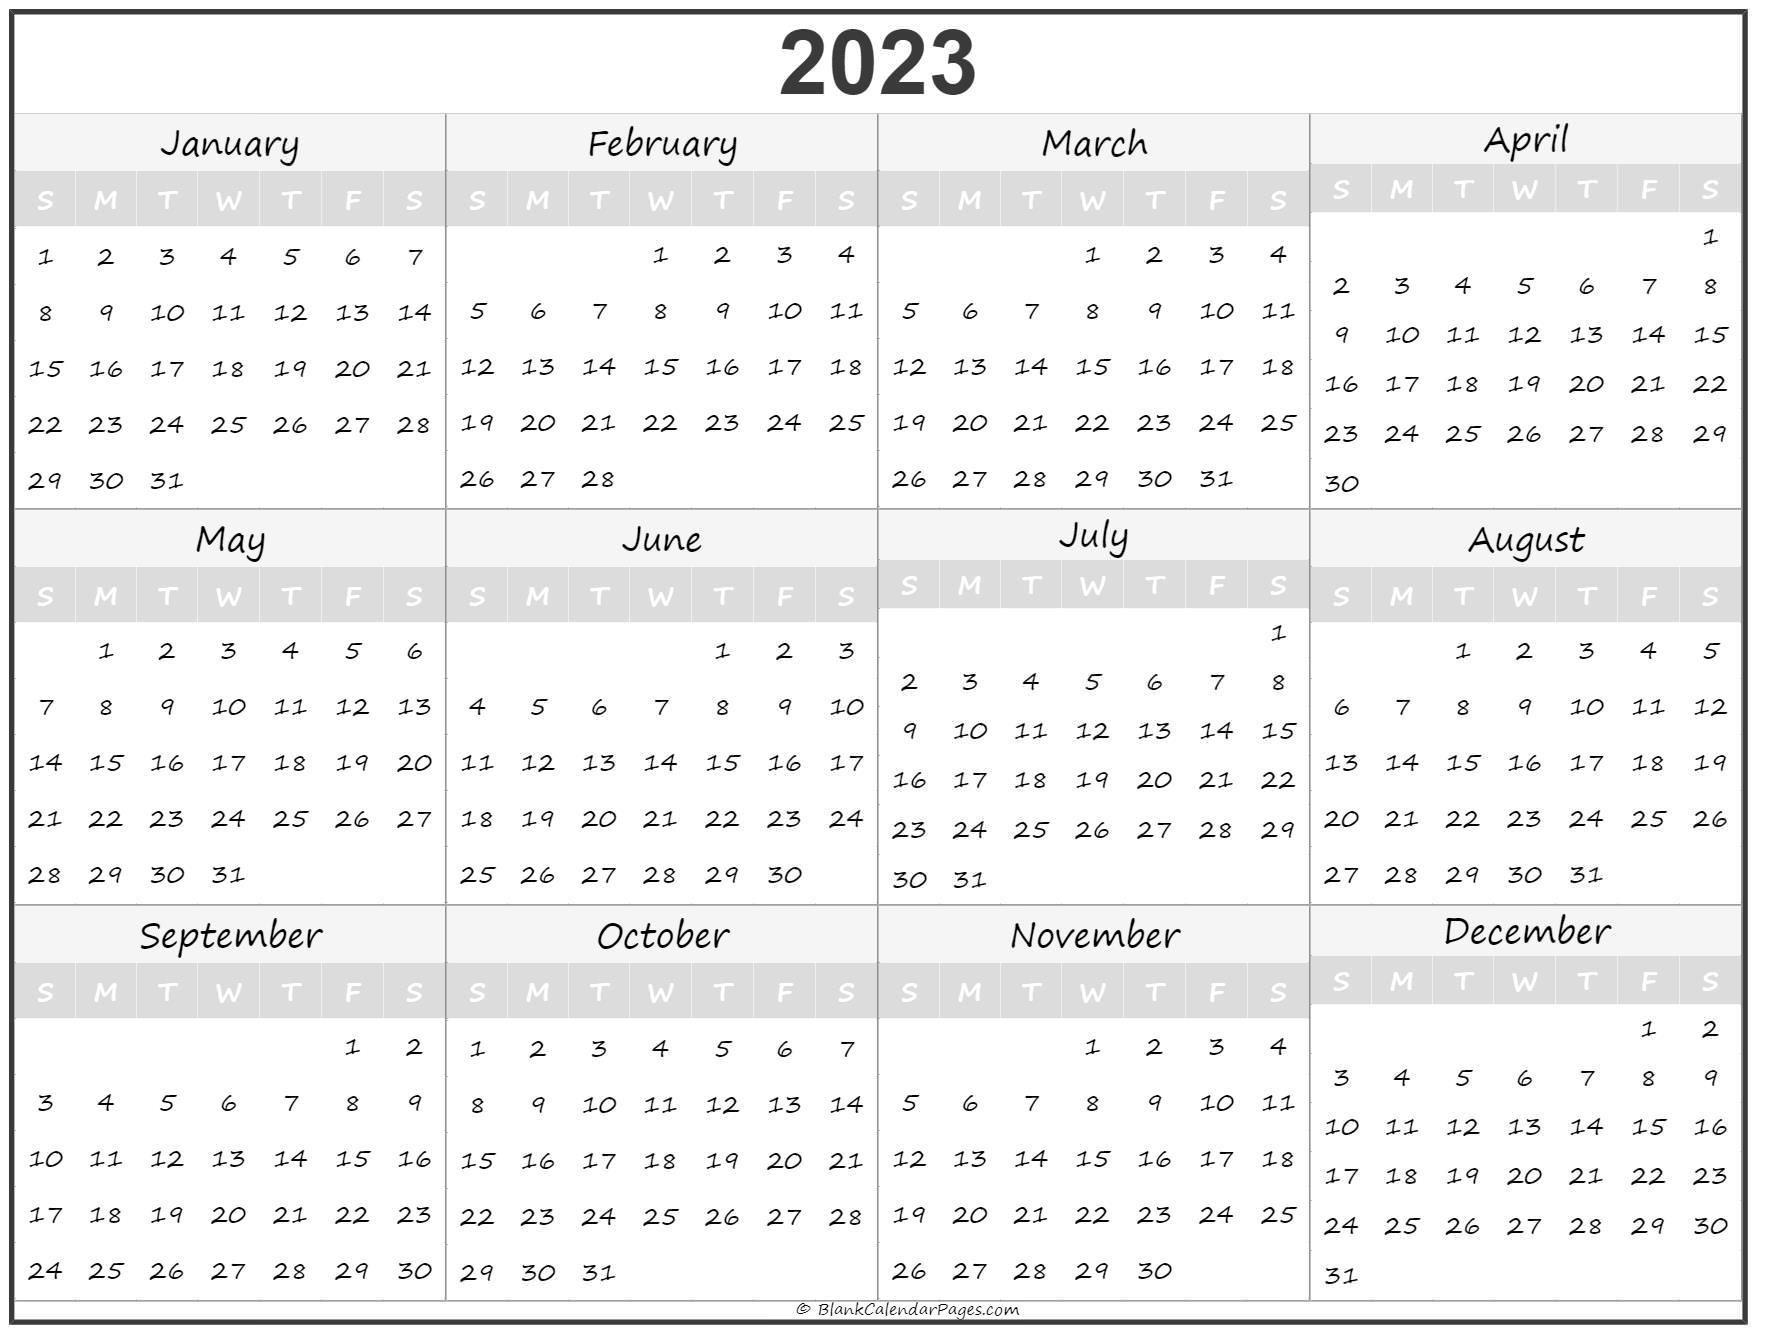 2023 printout